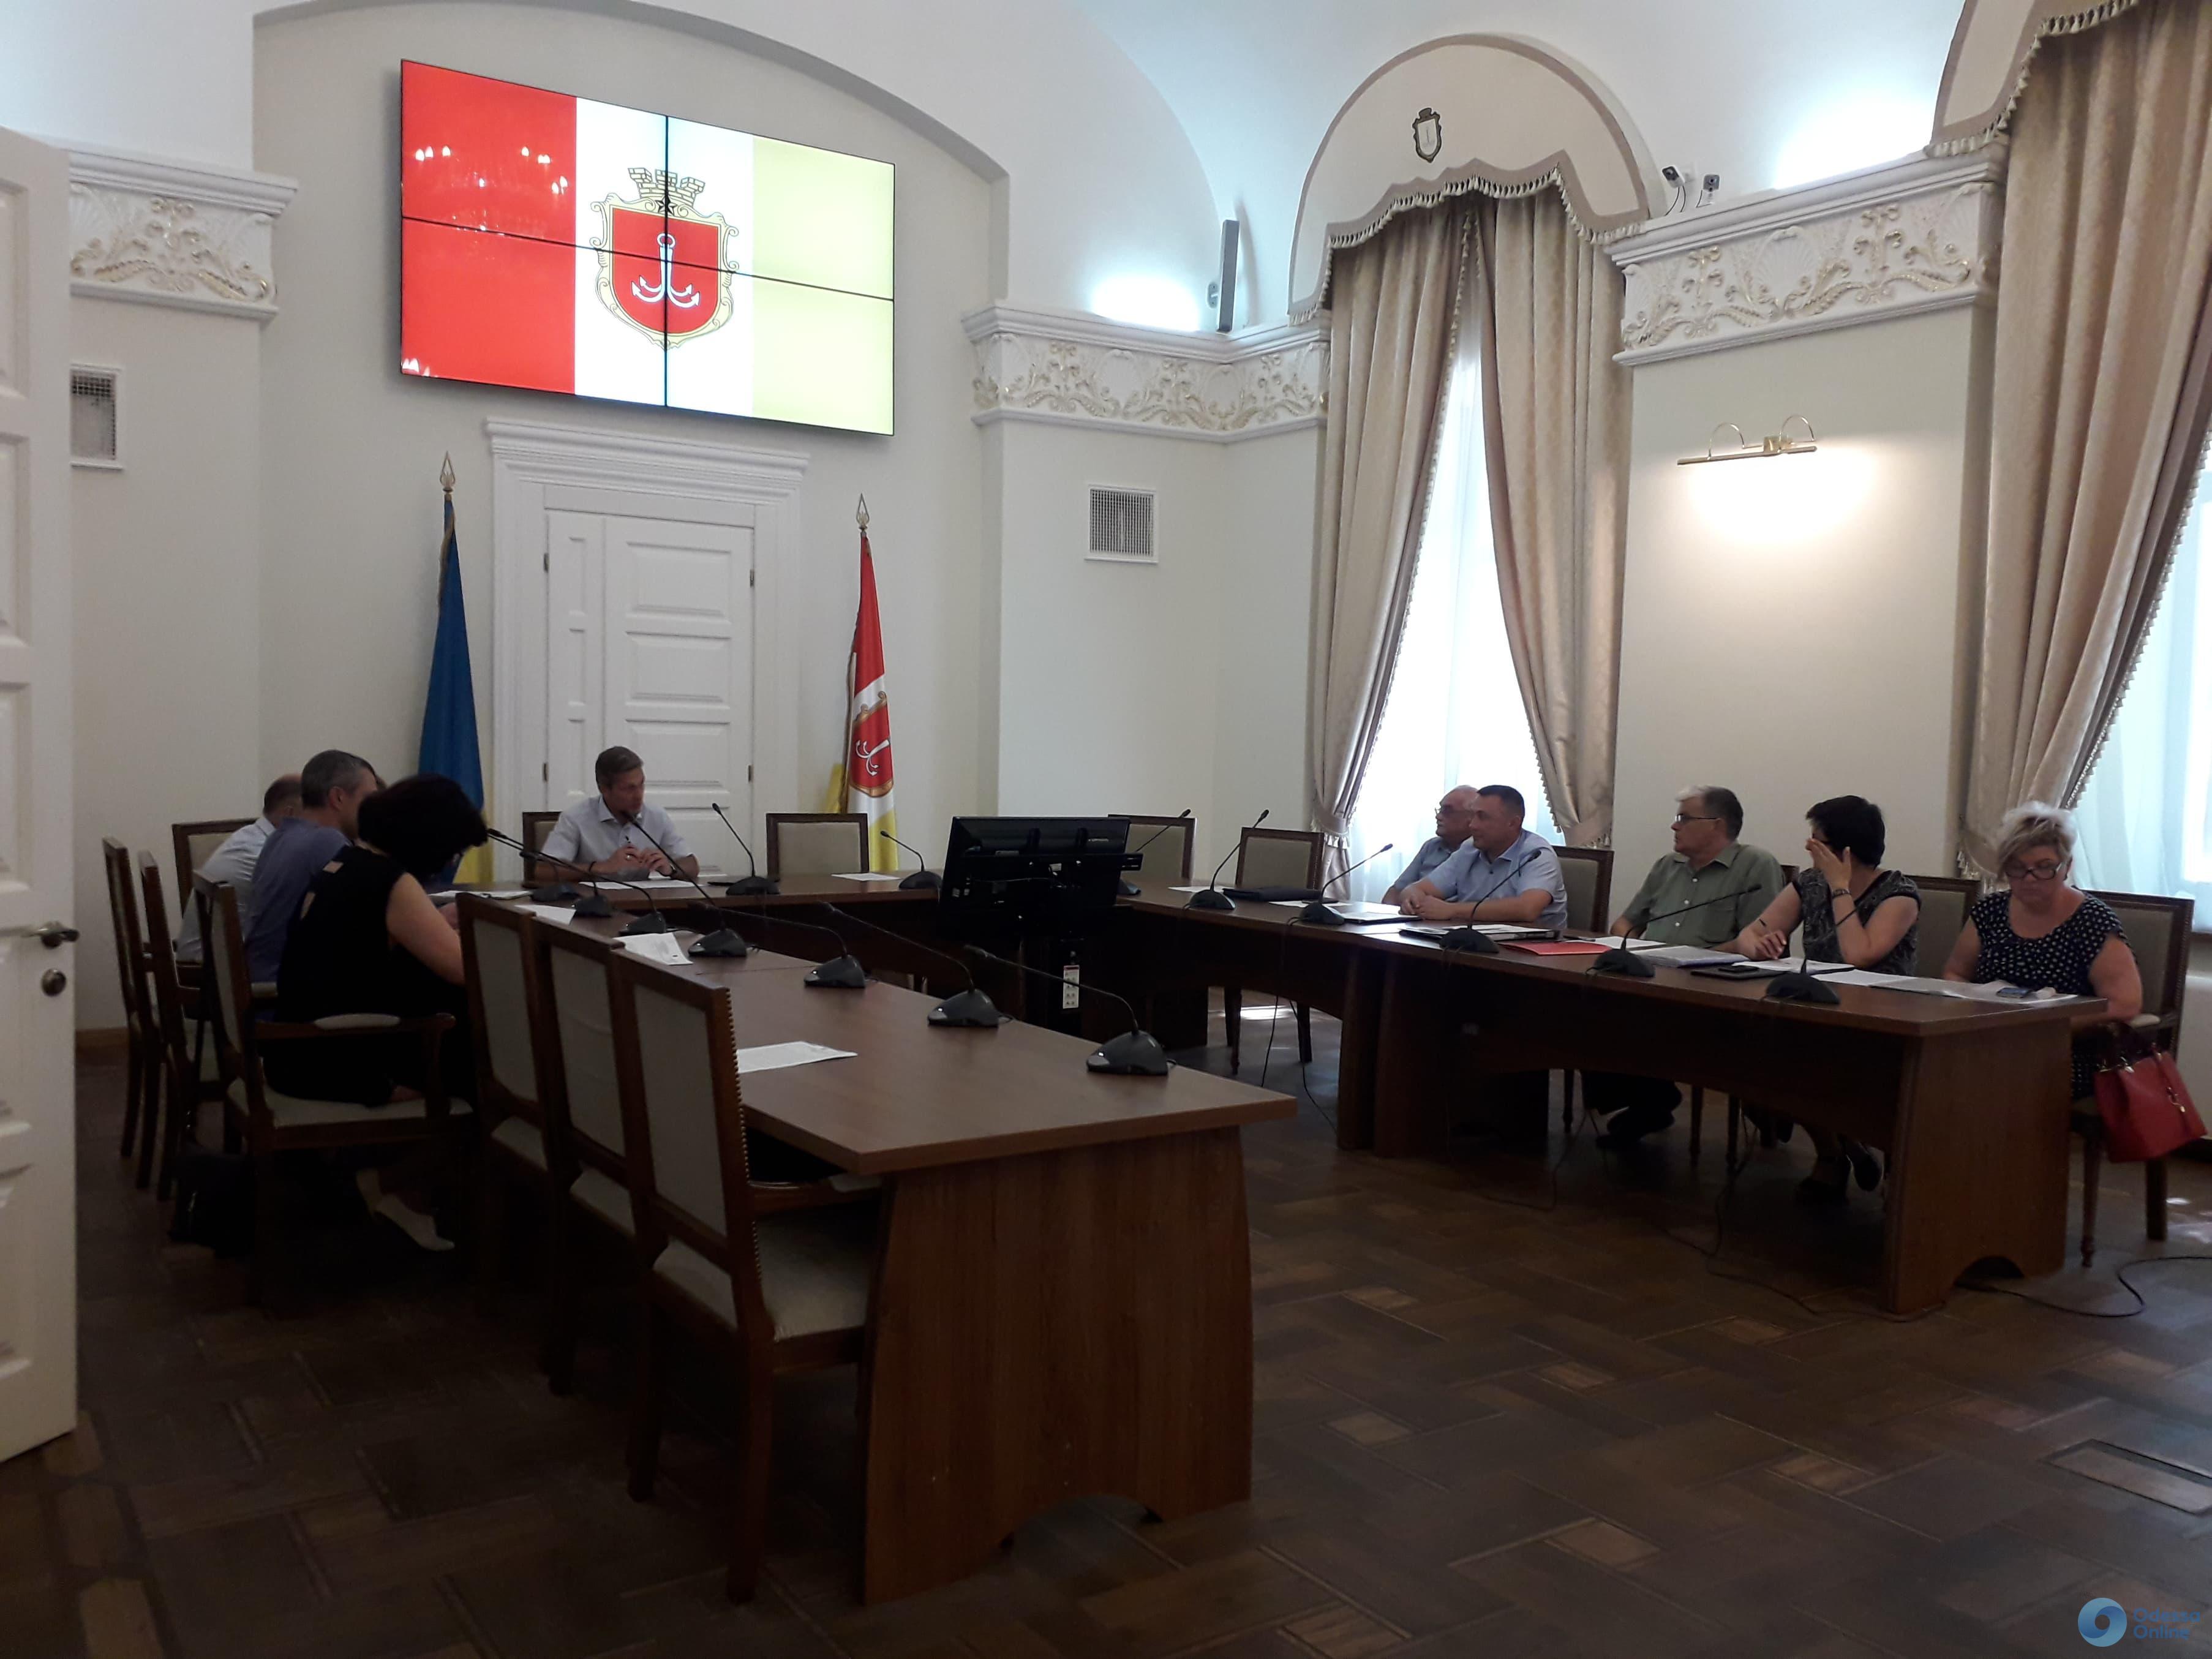 Одесским учреждениям образования недостает средств на противопожарные мероприятия